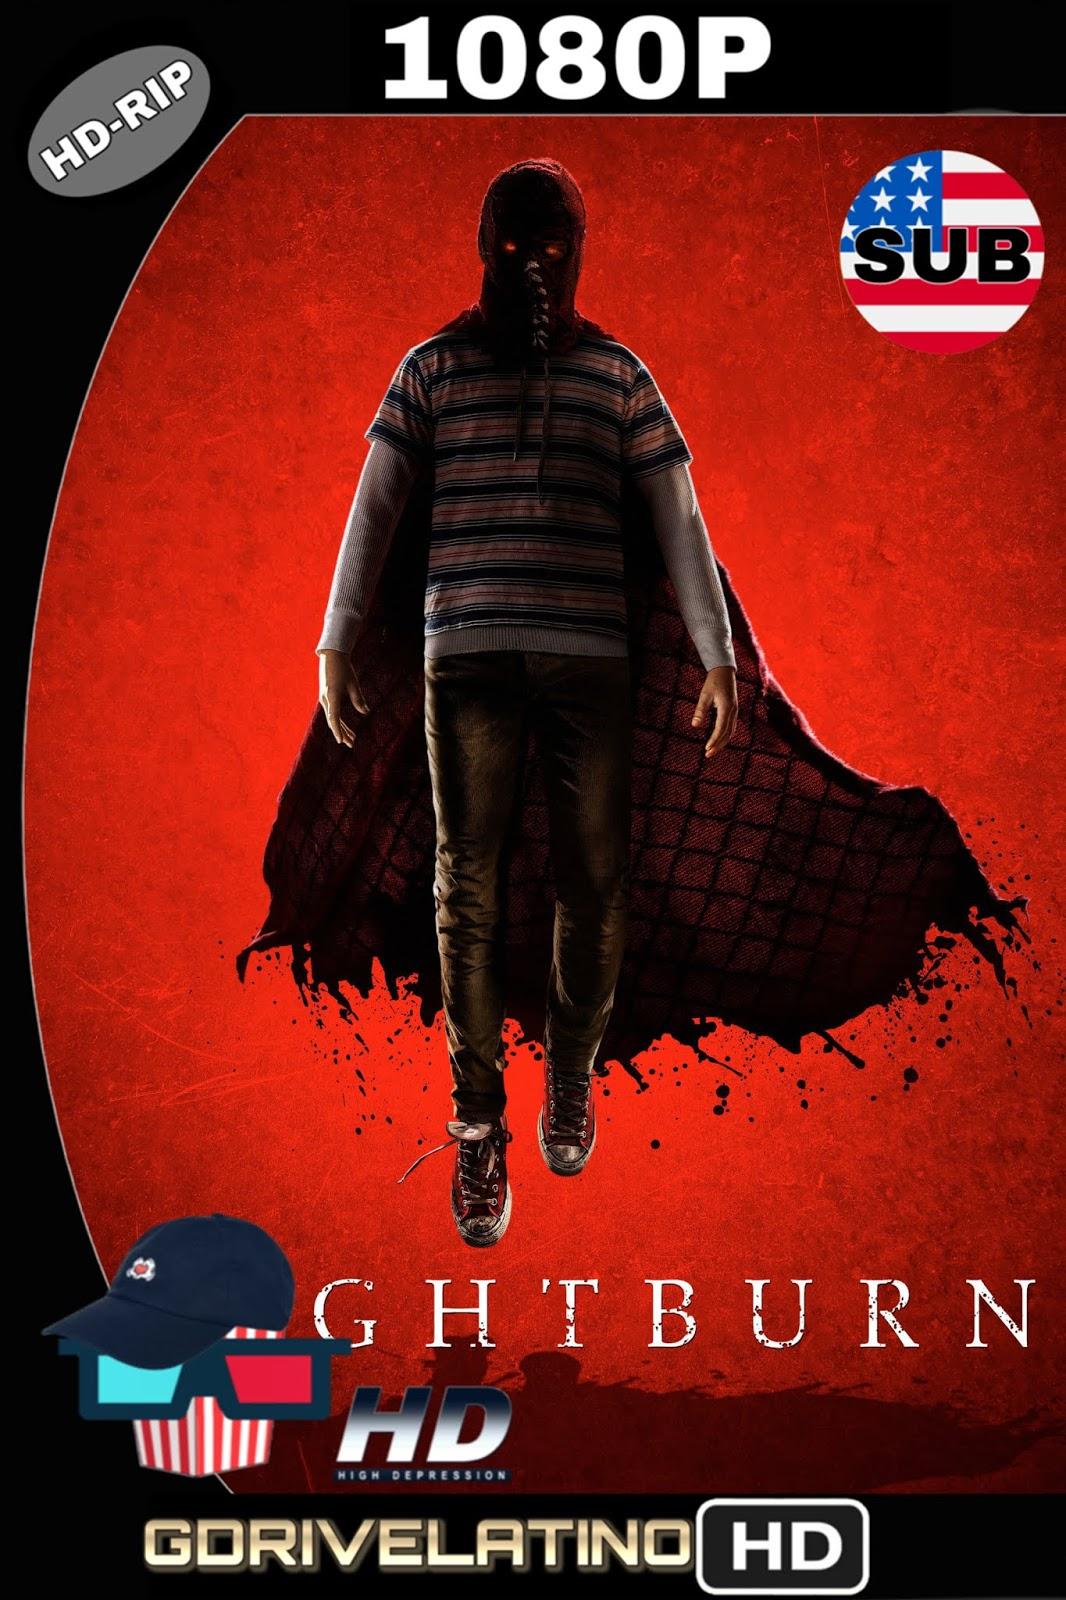 Hijo de la oscuridad: Brightburn (2019) HDRip 1080p (Subtitulado) MKV